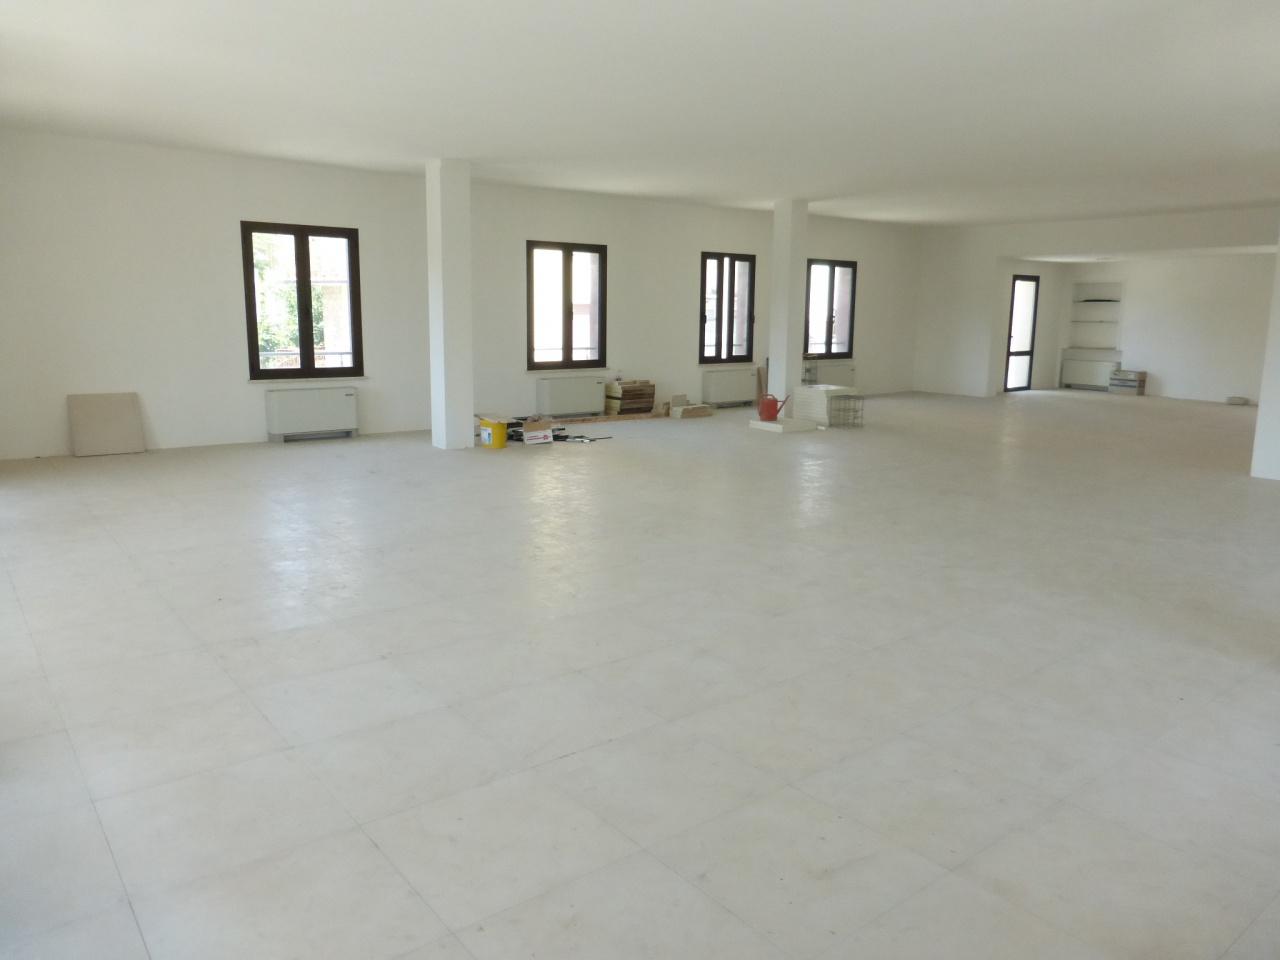 Ufficio SIENA F38